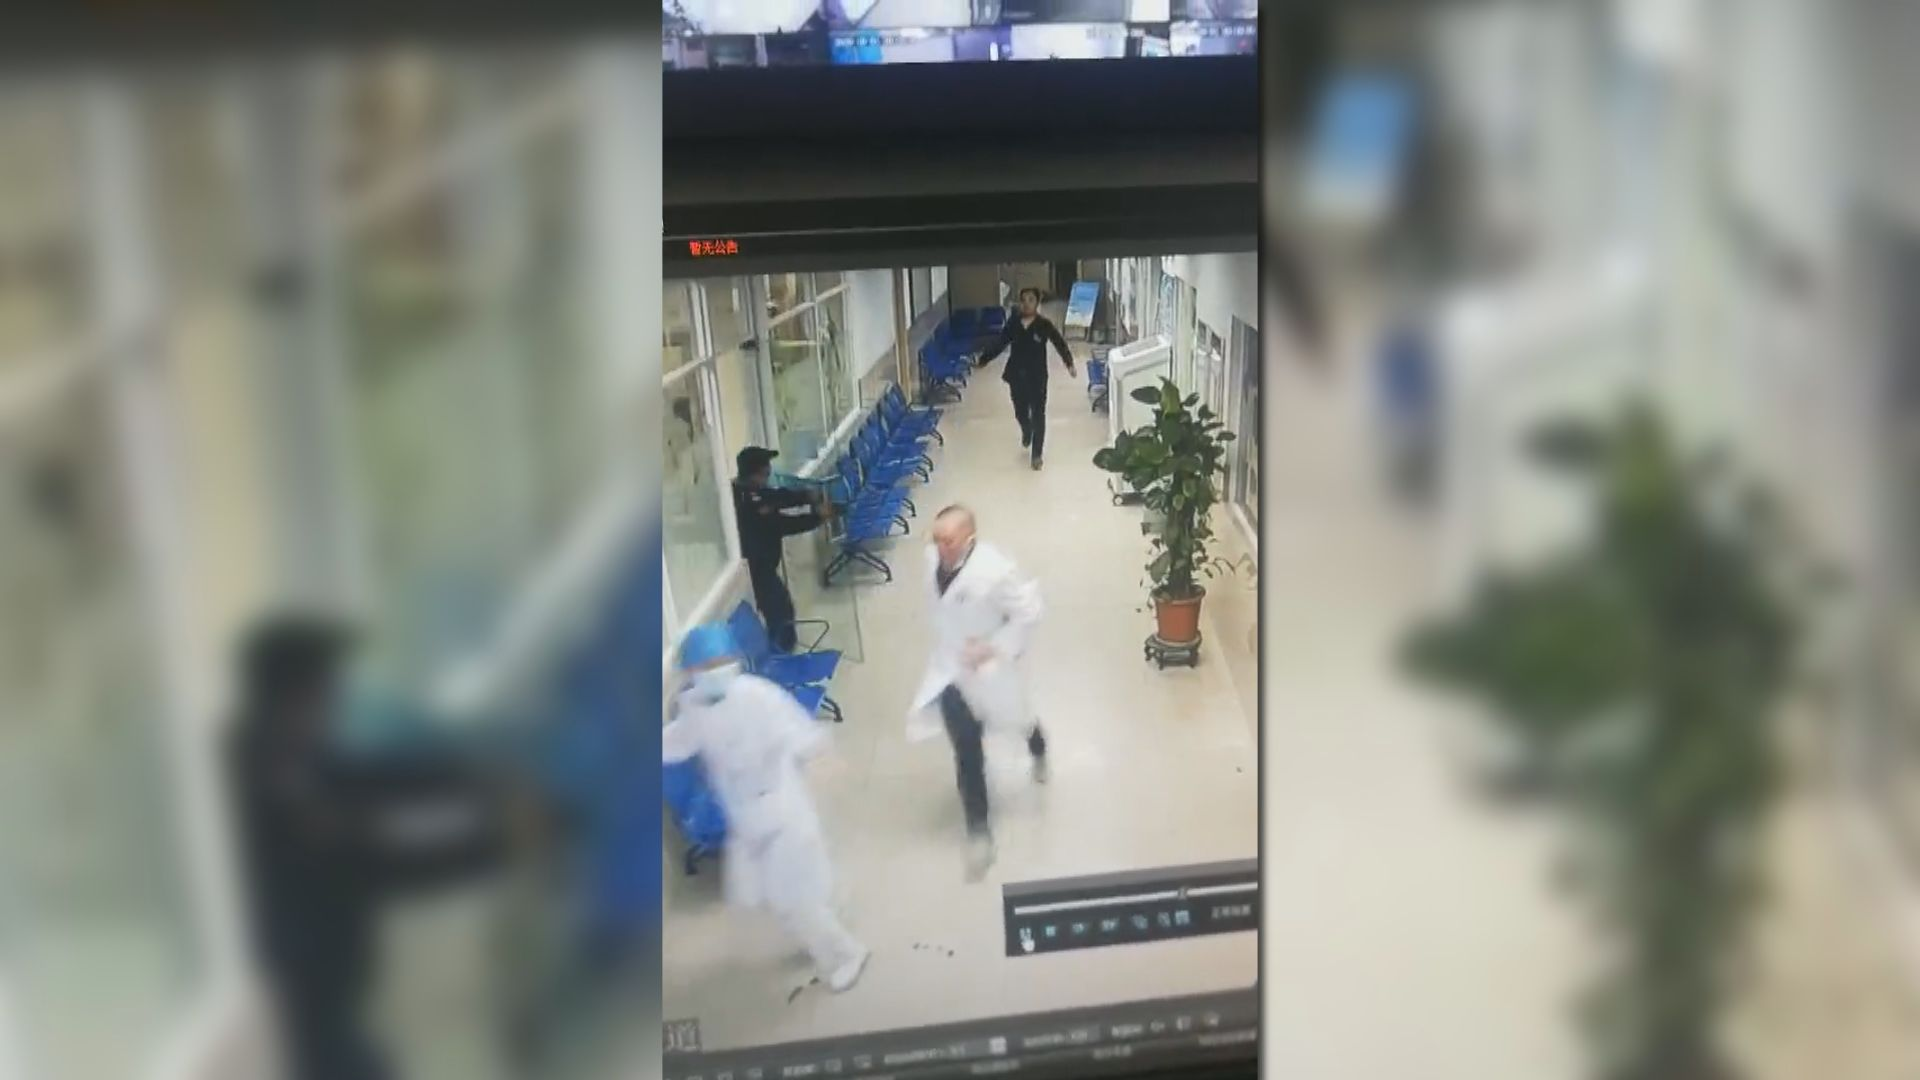 廣州中山大學醫院發生持刀傷人案 兩名醫護人員受傷